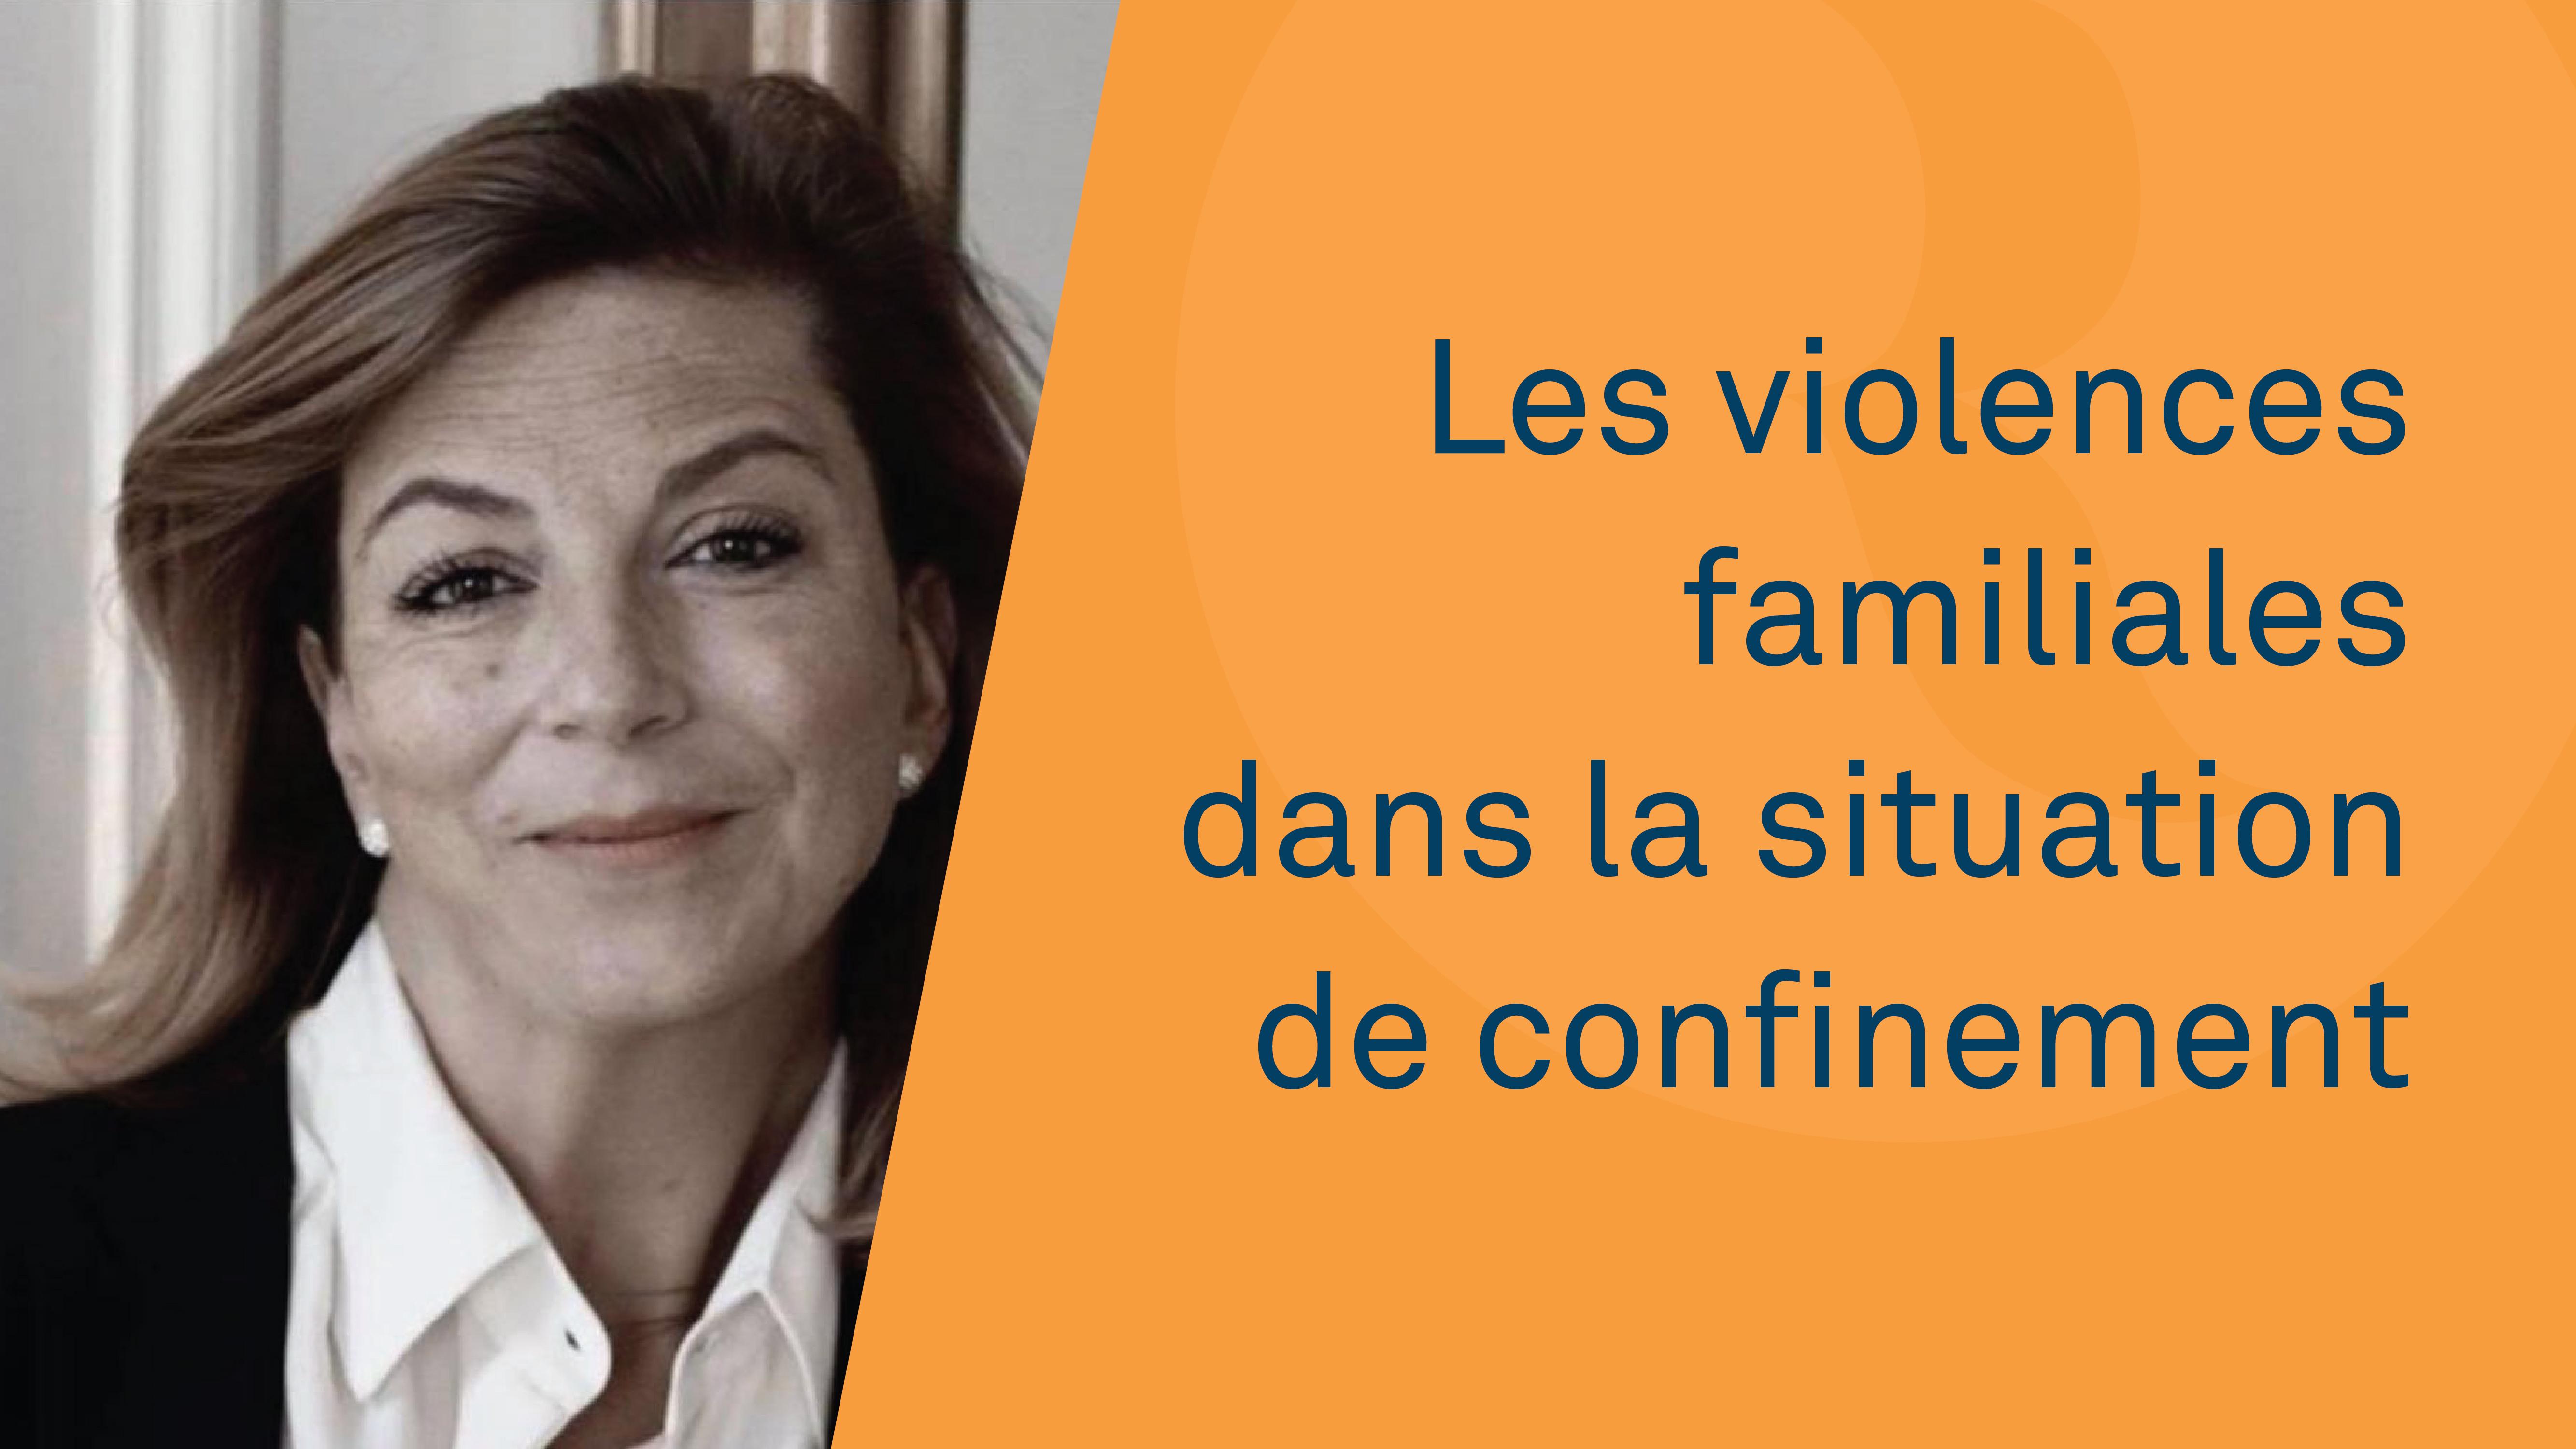 Résolutions Avocats : Les violences familiales dans la situation de confinement